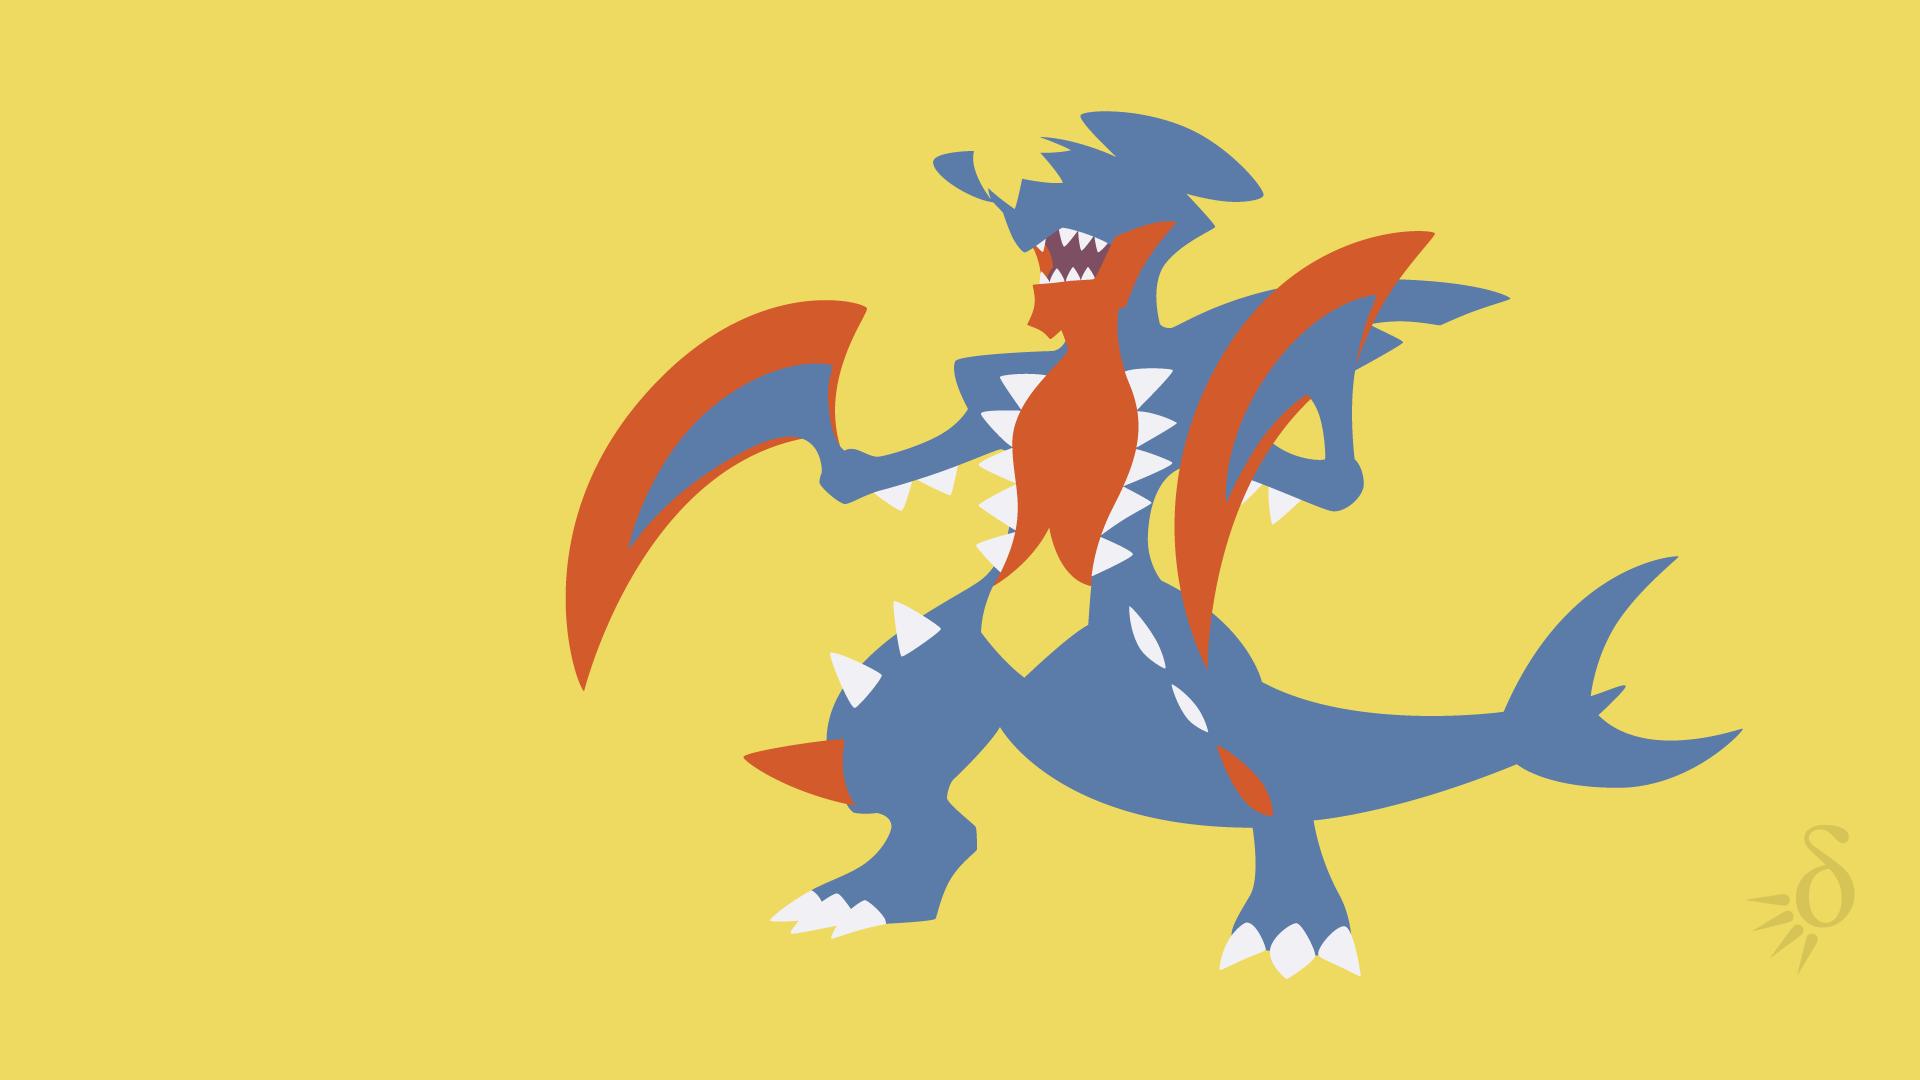 all mega pokemon wallpaper